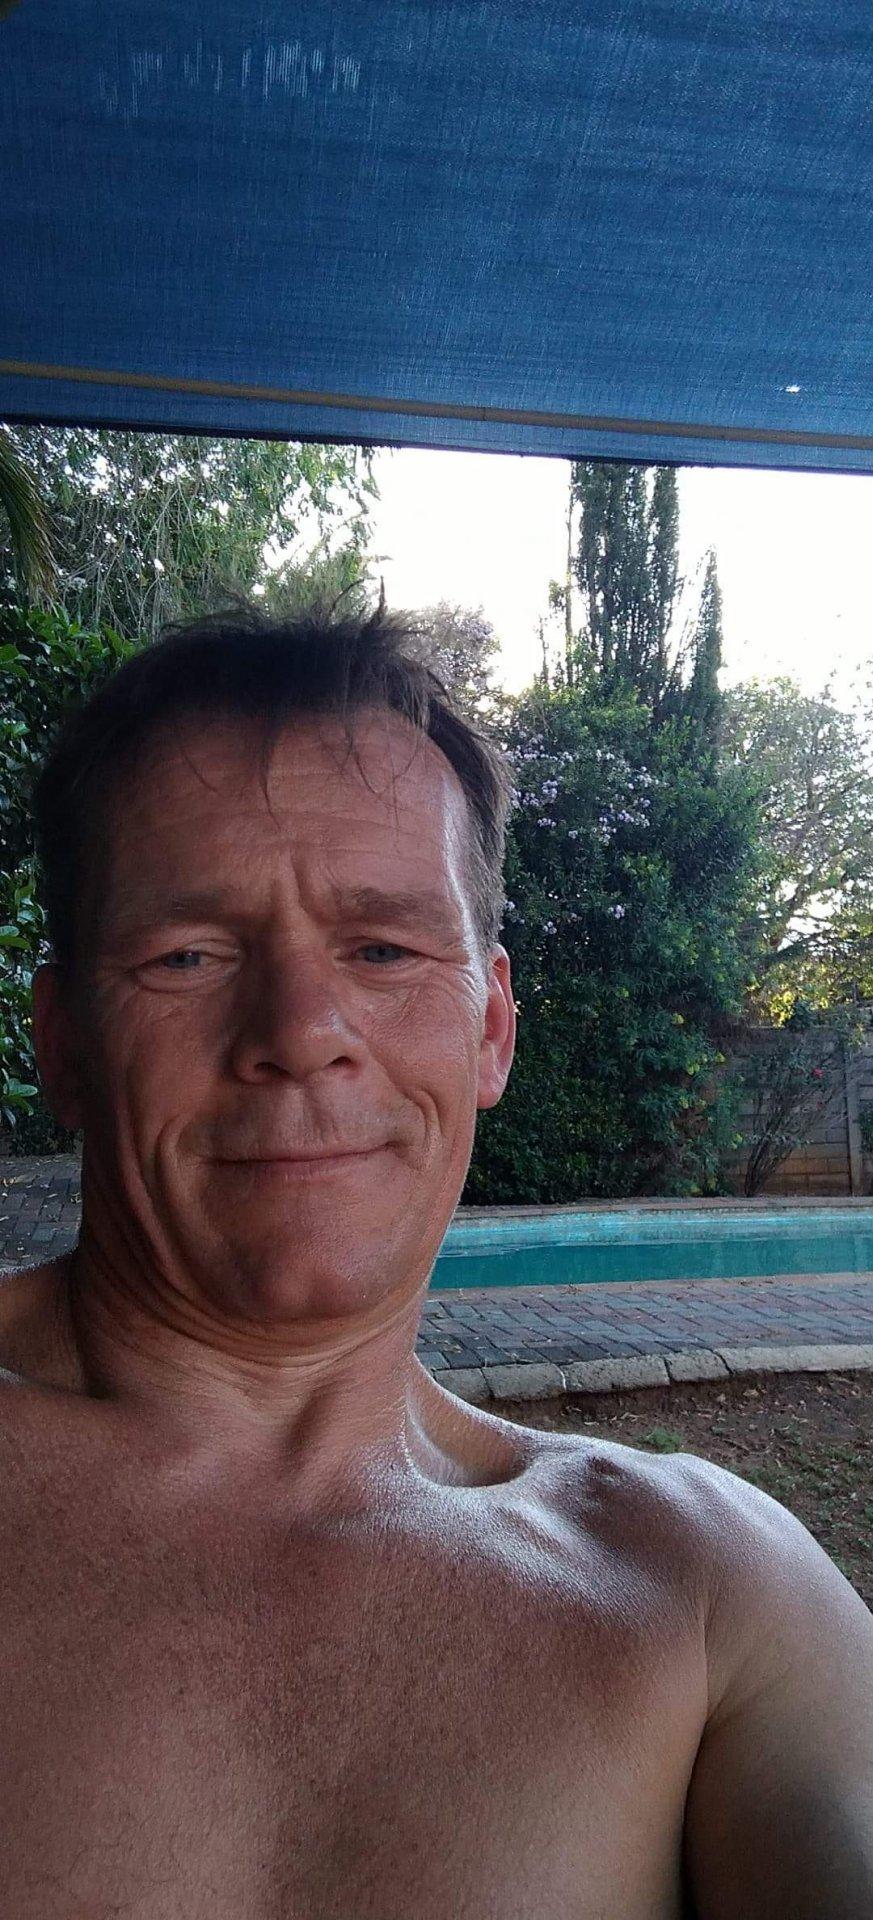 Edwin 12 uit Zuid-Holland,Nederland